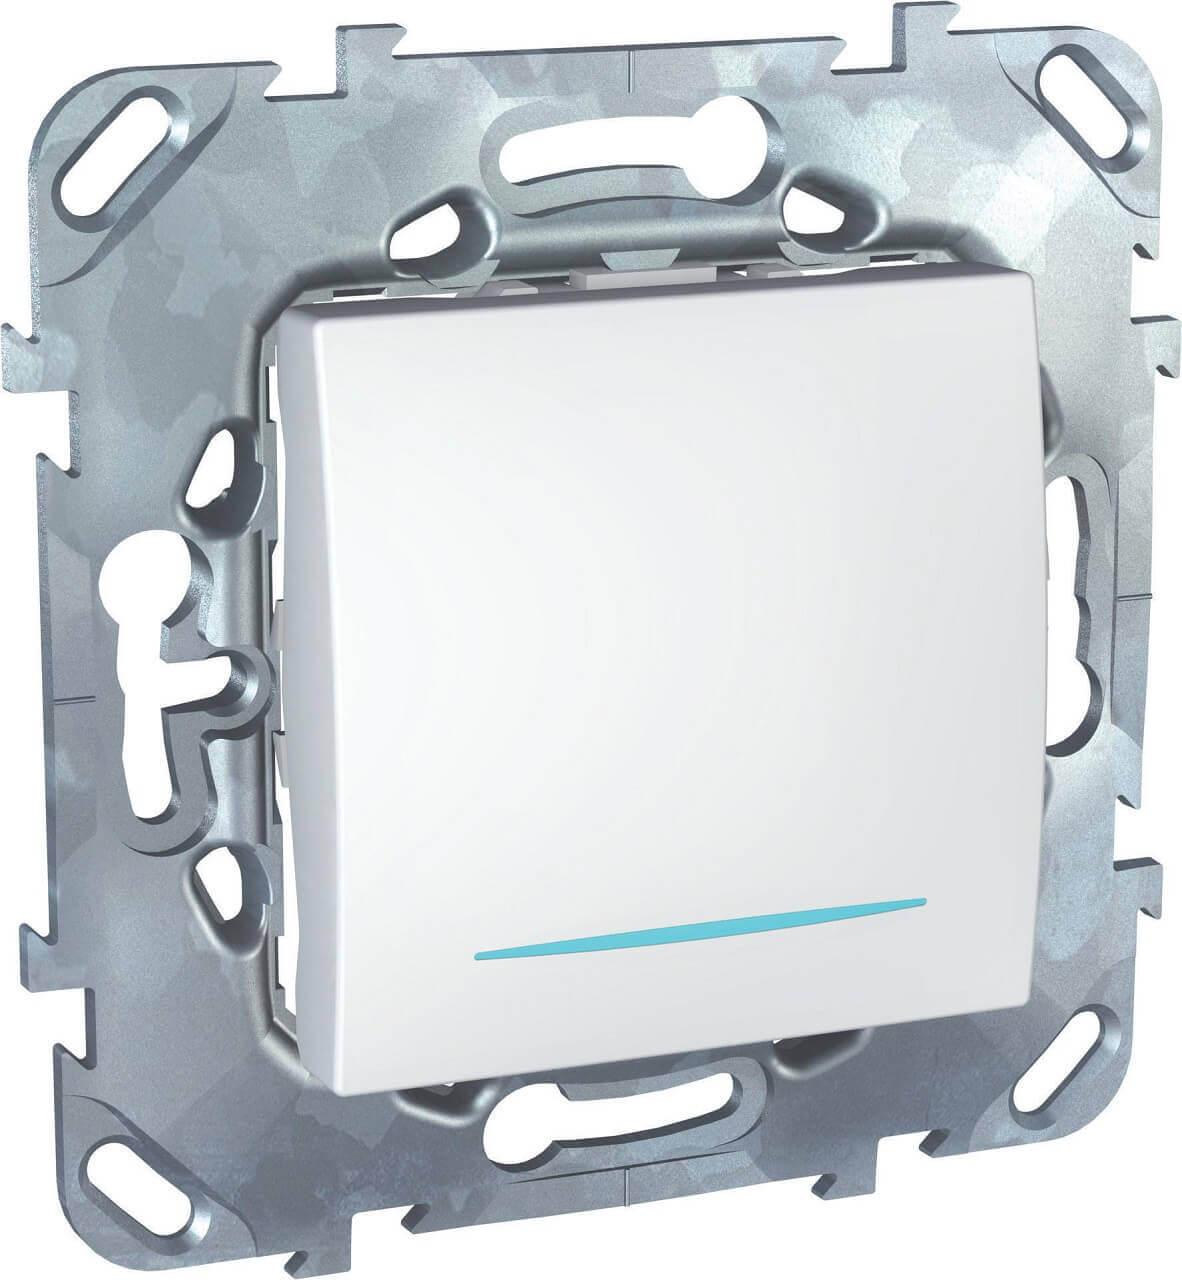 Выключатель одноклавишный кнопочный с подсветкой Schneider Electric Unica MGU5.206.18NZD schneider одноклавишный кнопочный выключатель unica с подсветкой графит